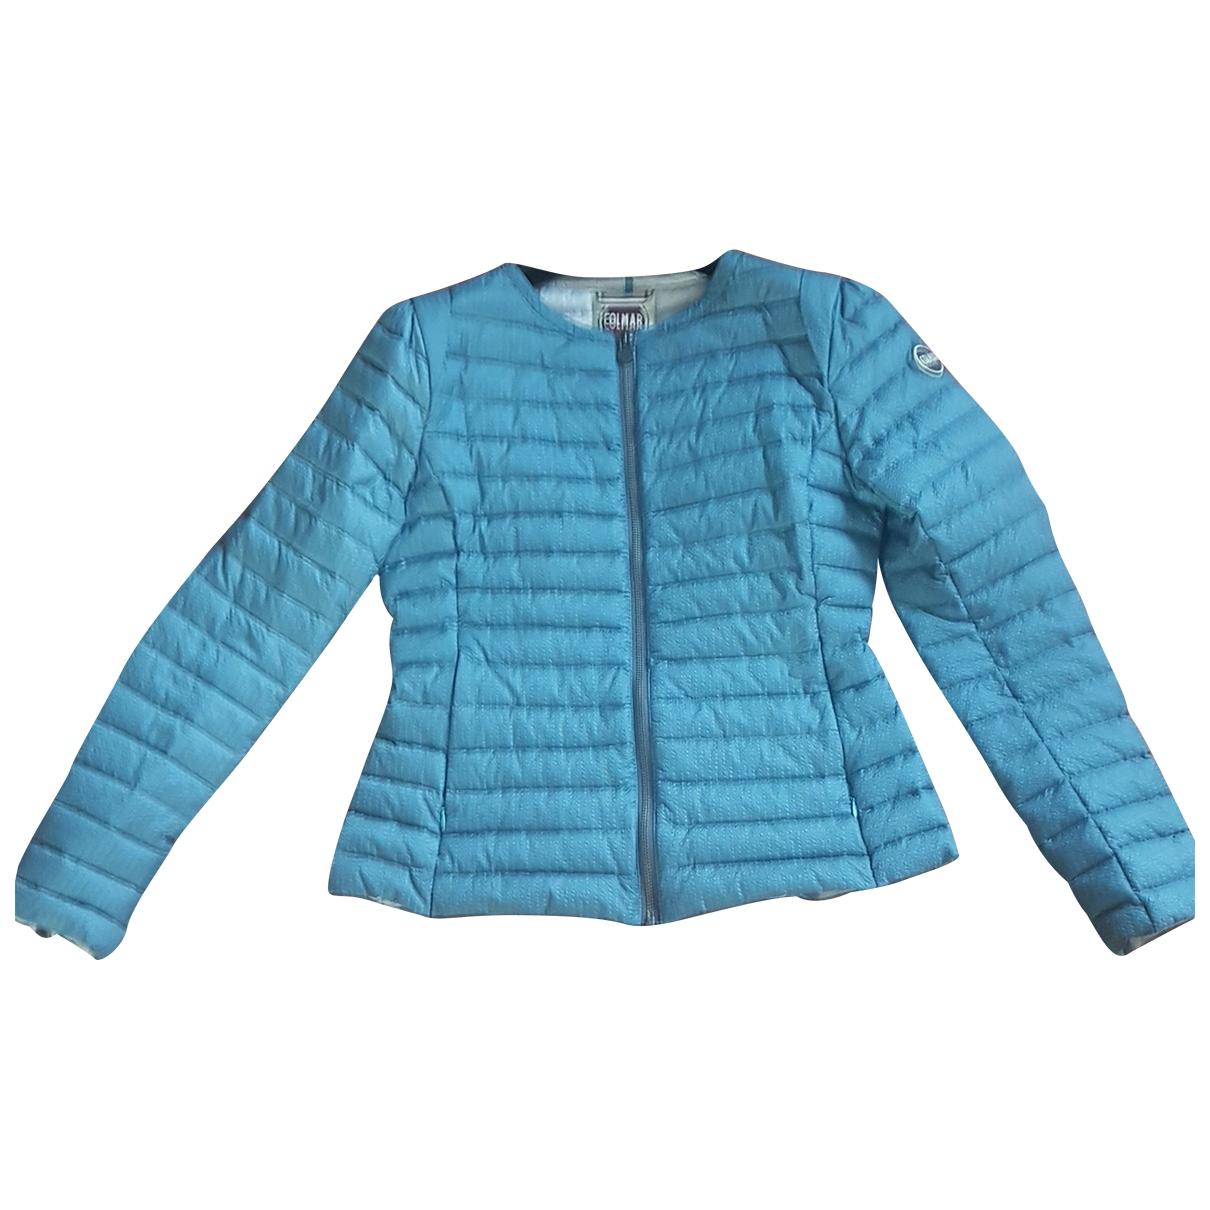 Colmar \N Maentel in  Blau Polyester